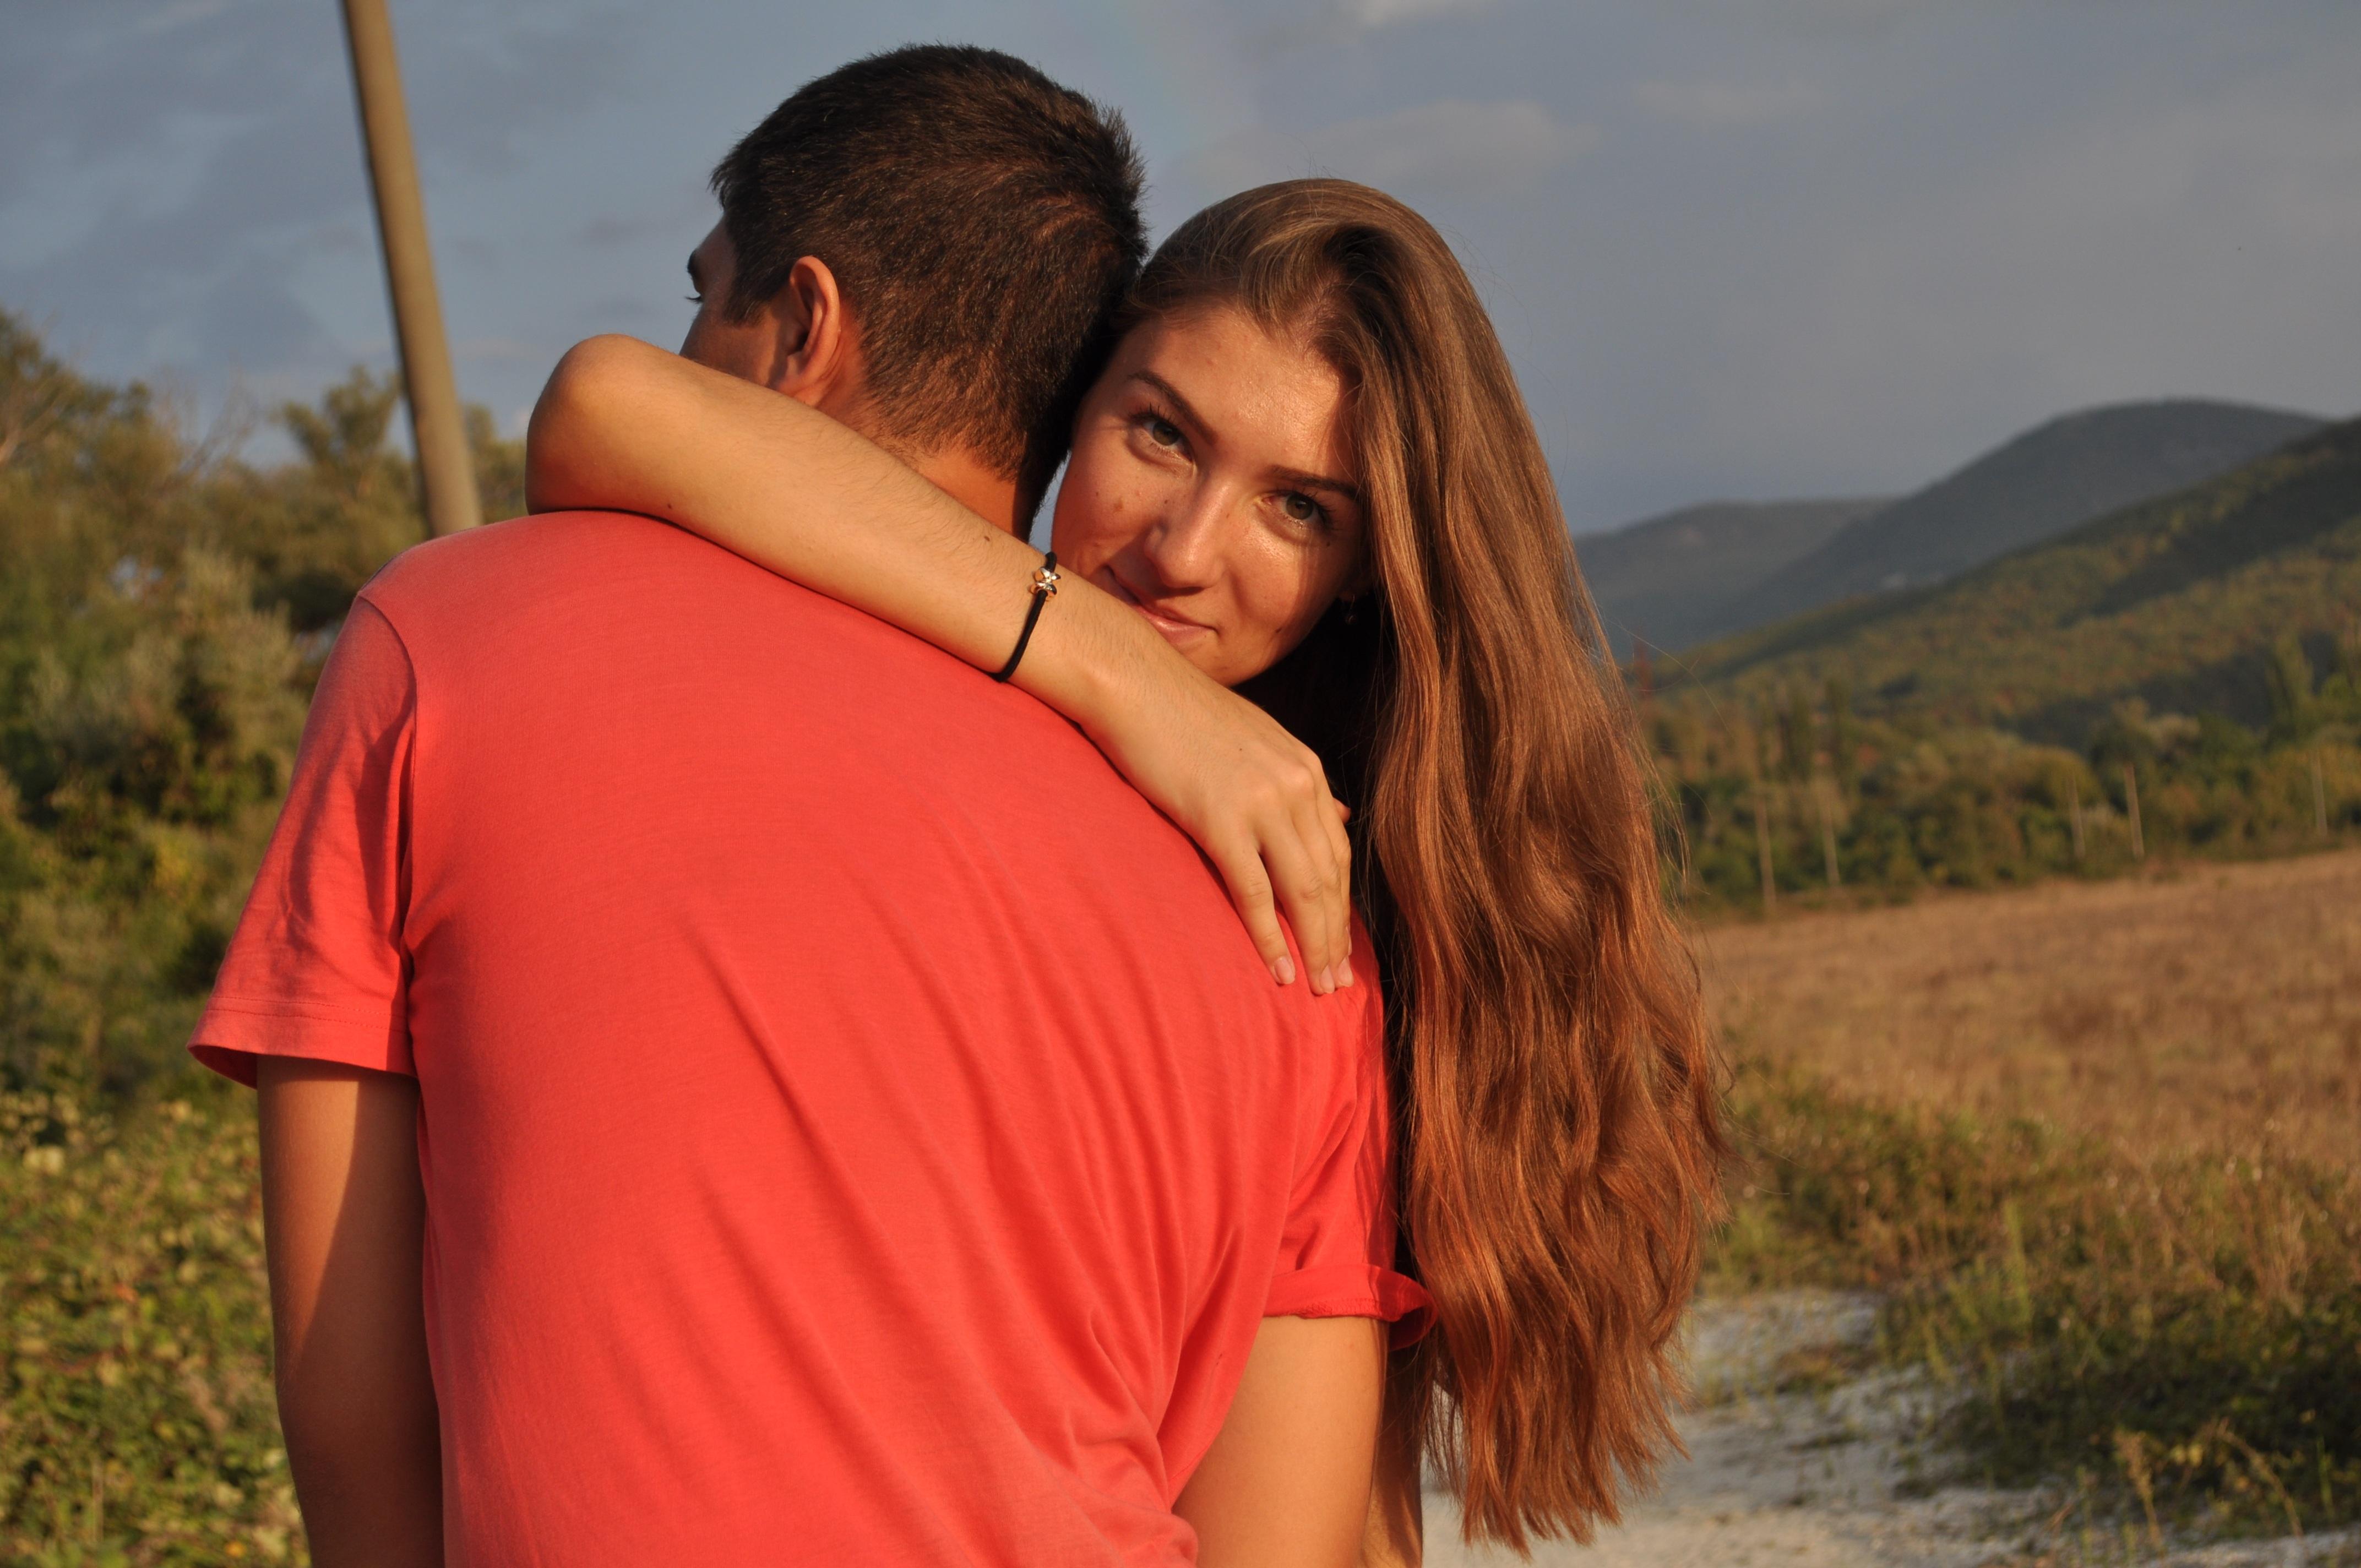 natur elsker dating 31 årige kvinde datering en 24 år gammel mand